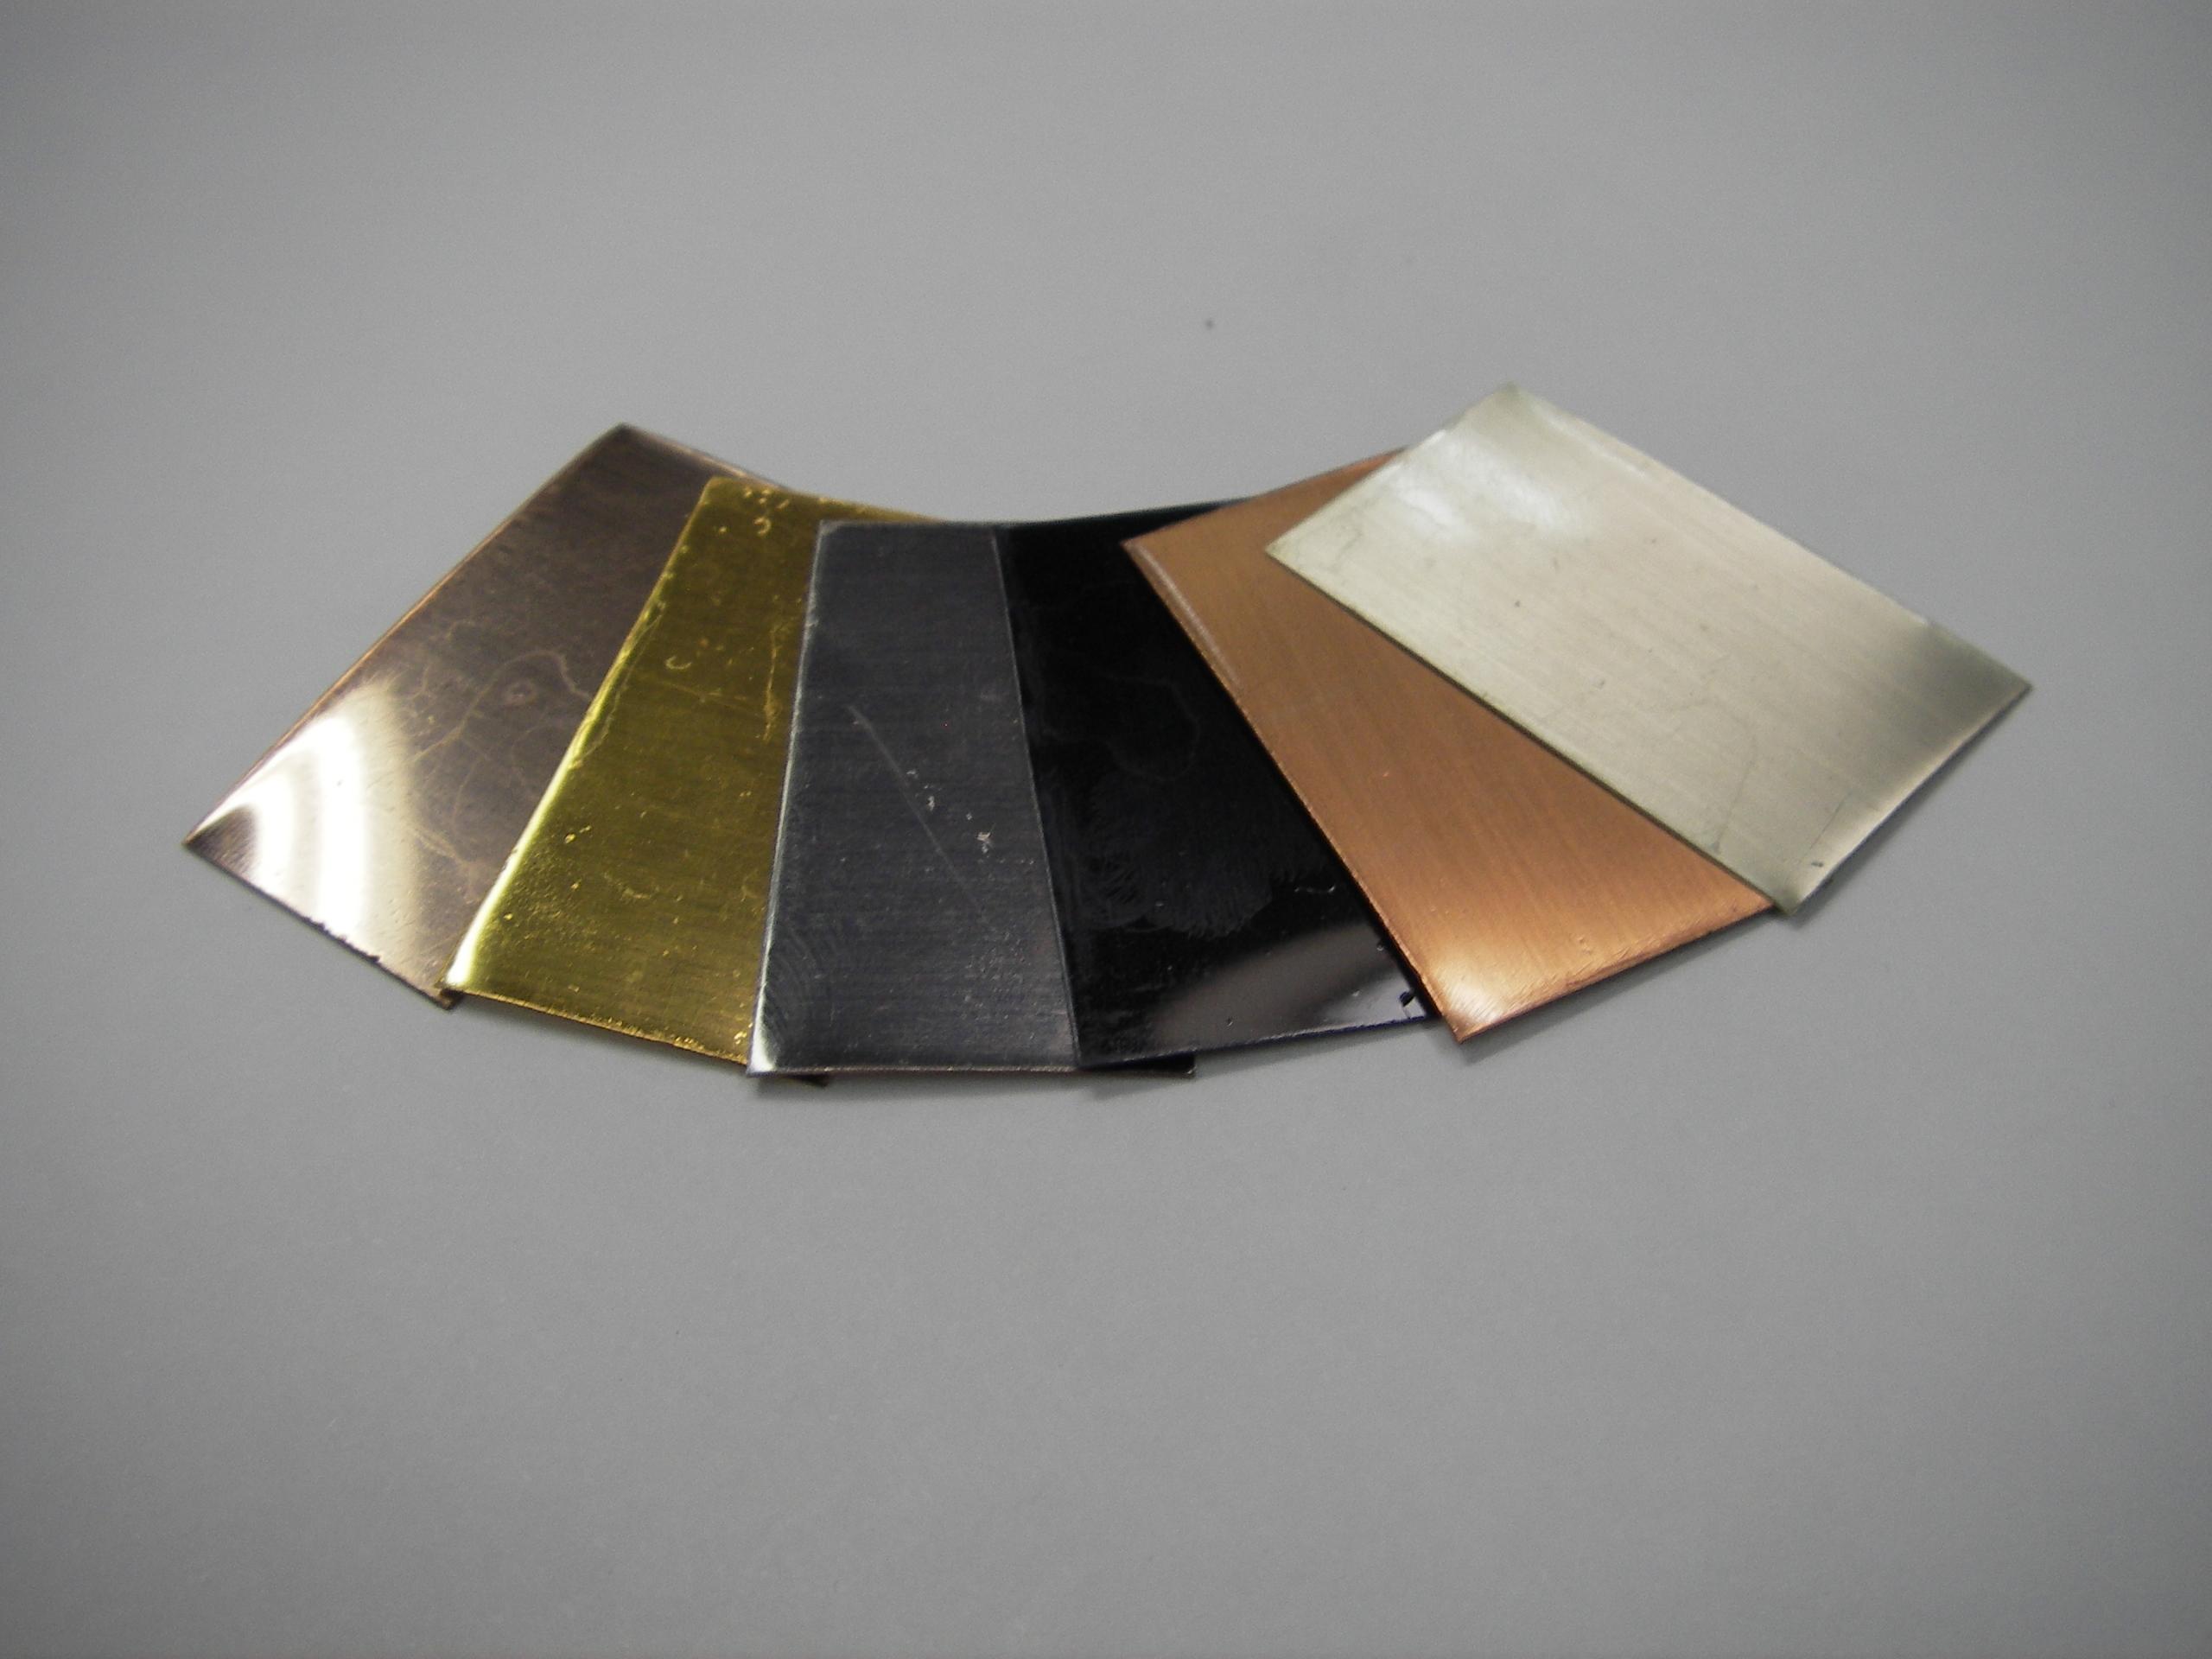 ドライプレーティング法では、金の代わりにチタンにより金色が出せるほかチタンやアルミニュウムは電解発色法により黄色、赤、緑、青等の様々な色調を出す事ができる。